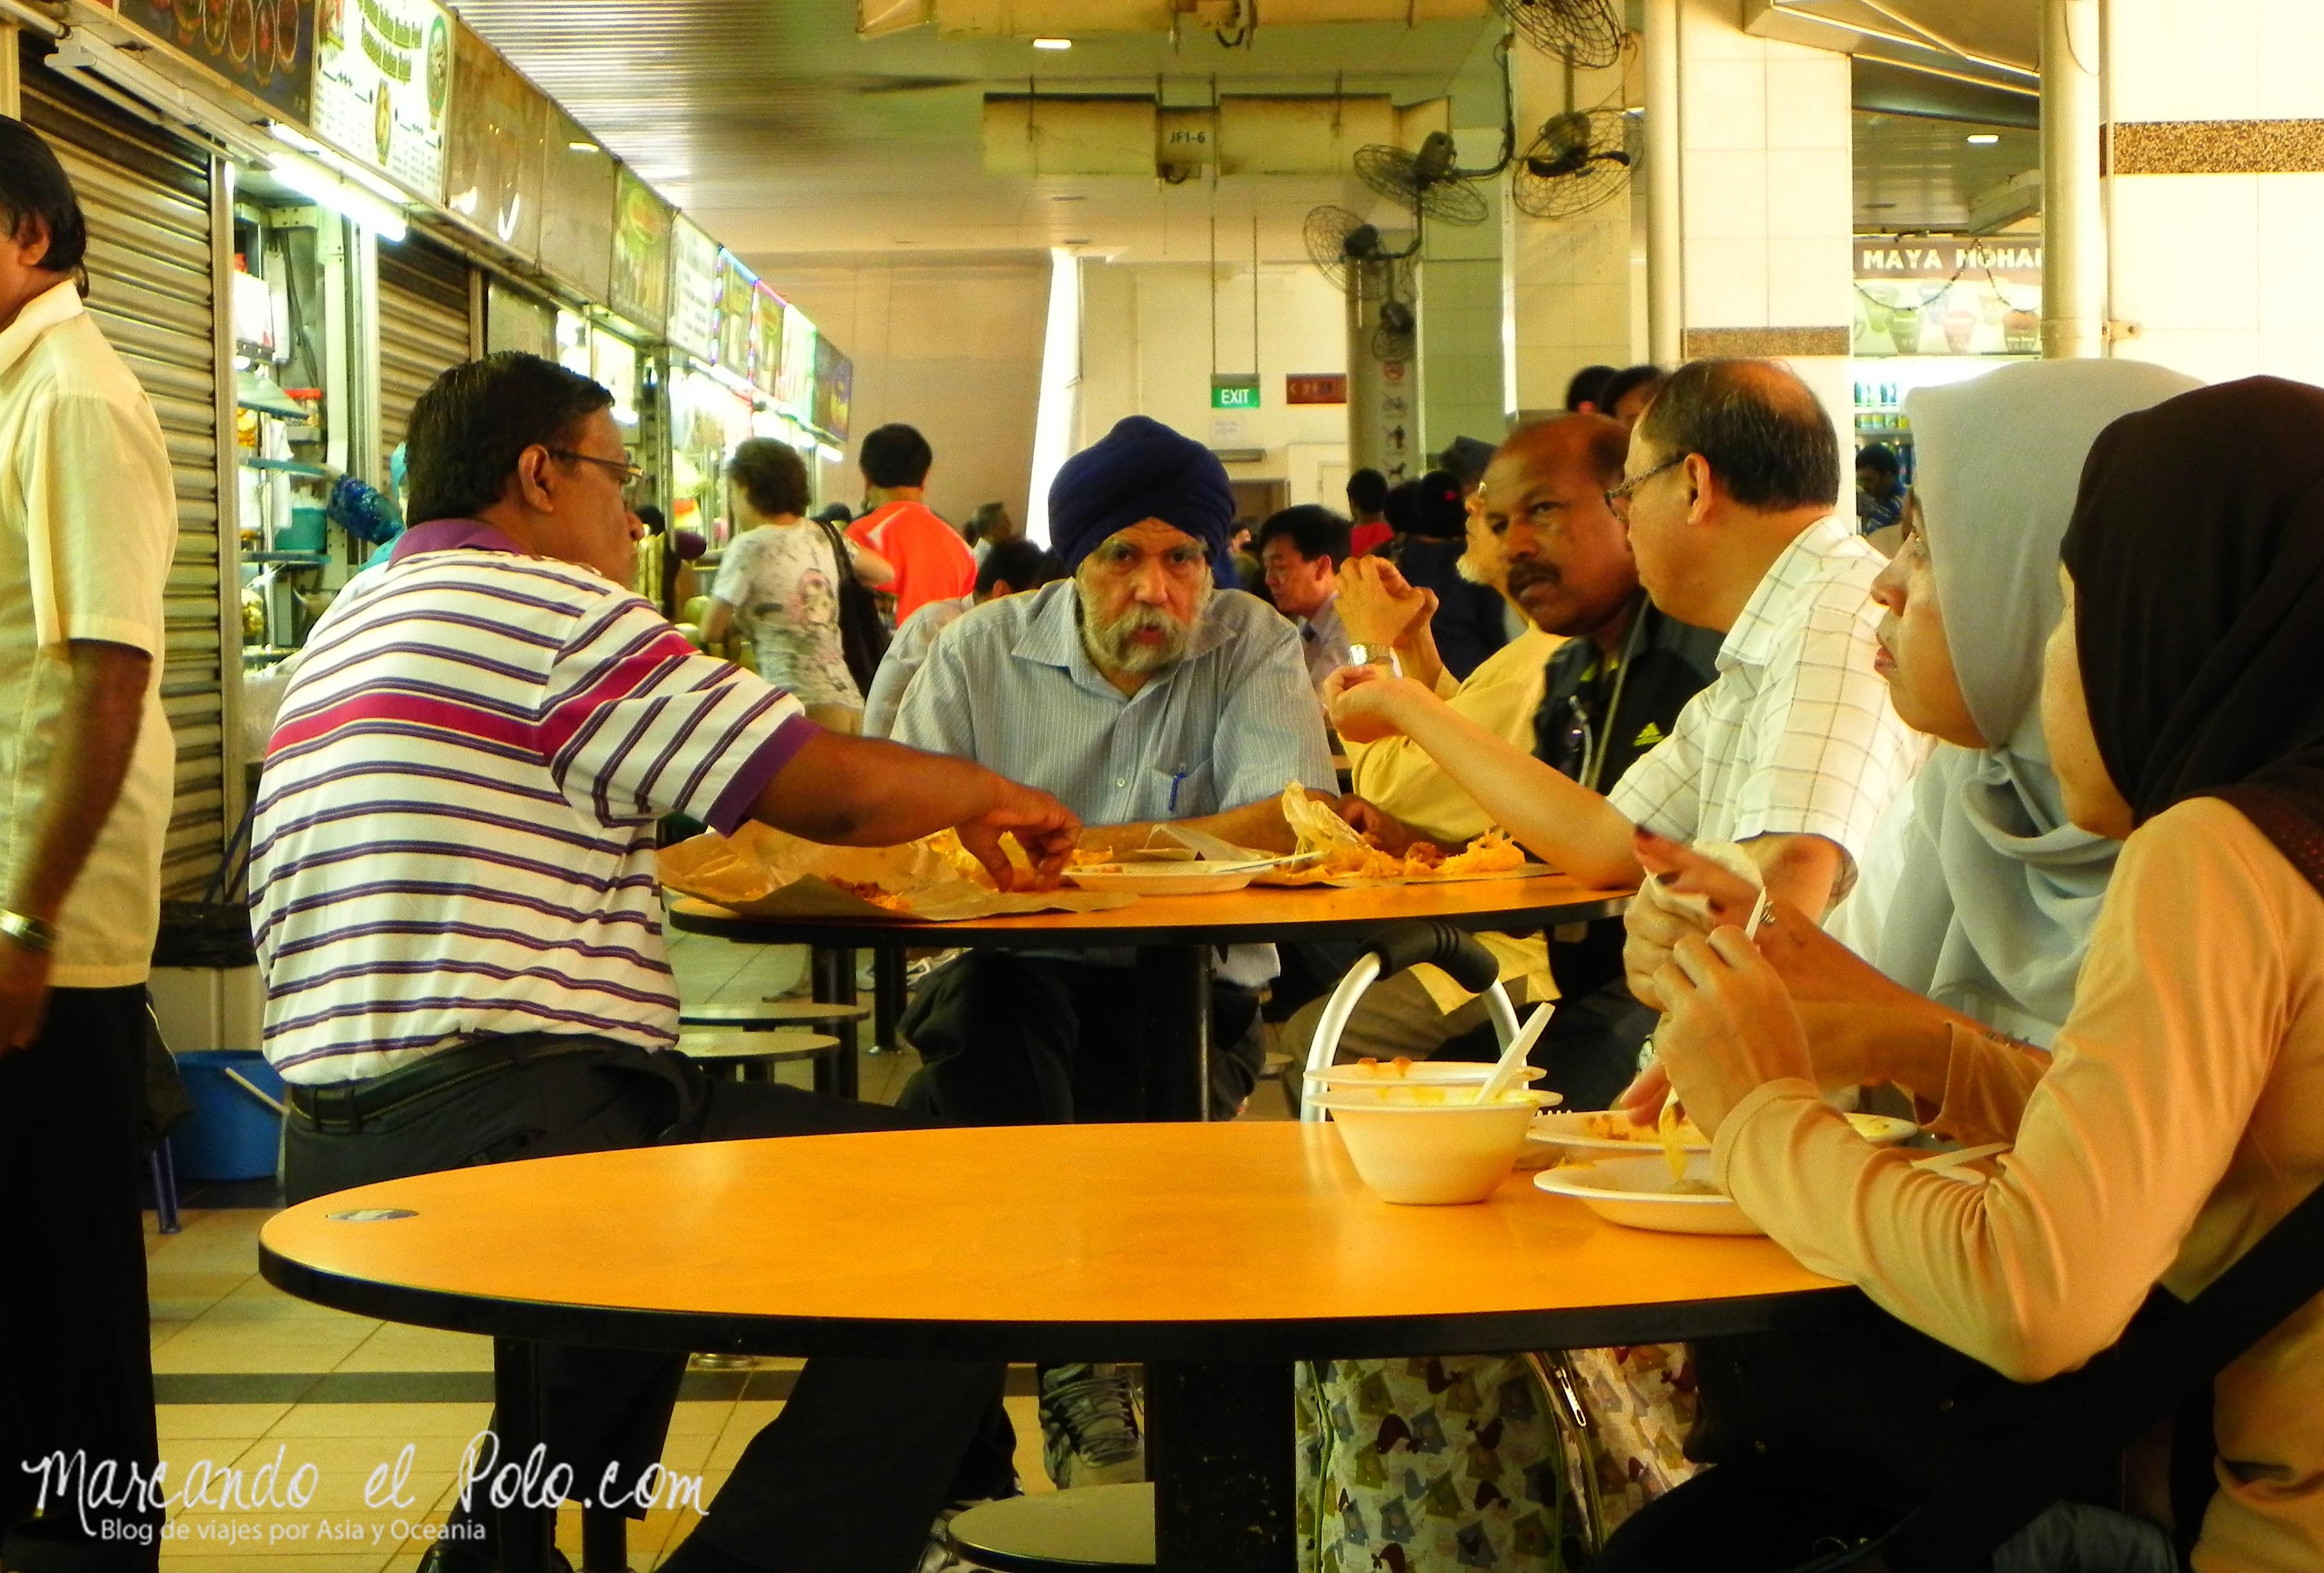 Indios, chinos y malayos bajo un mismo techo